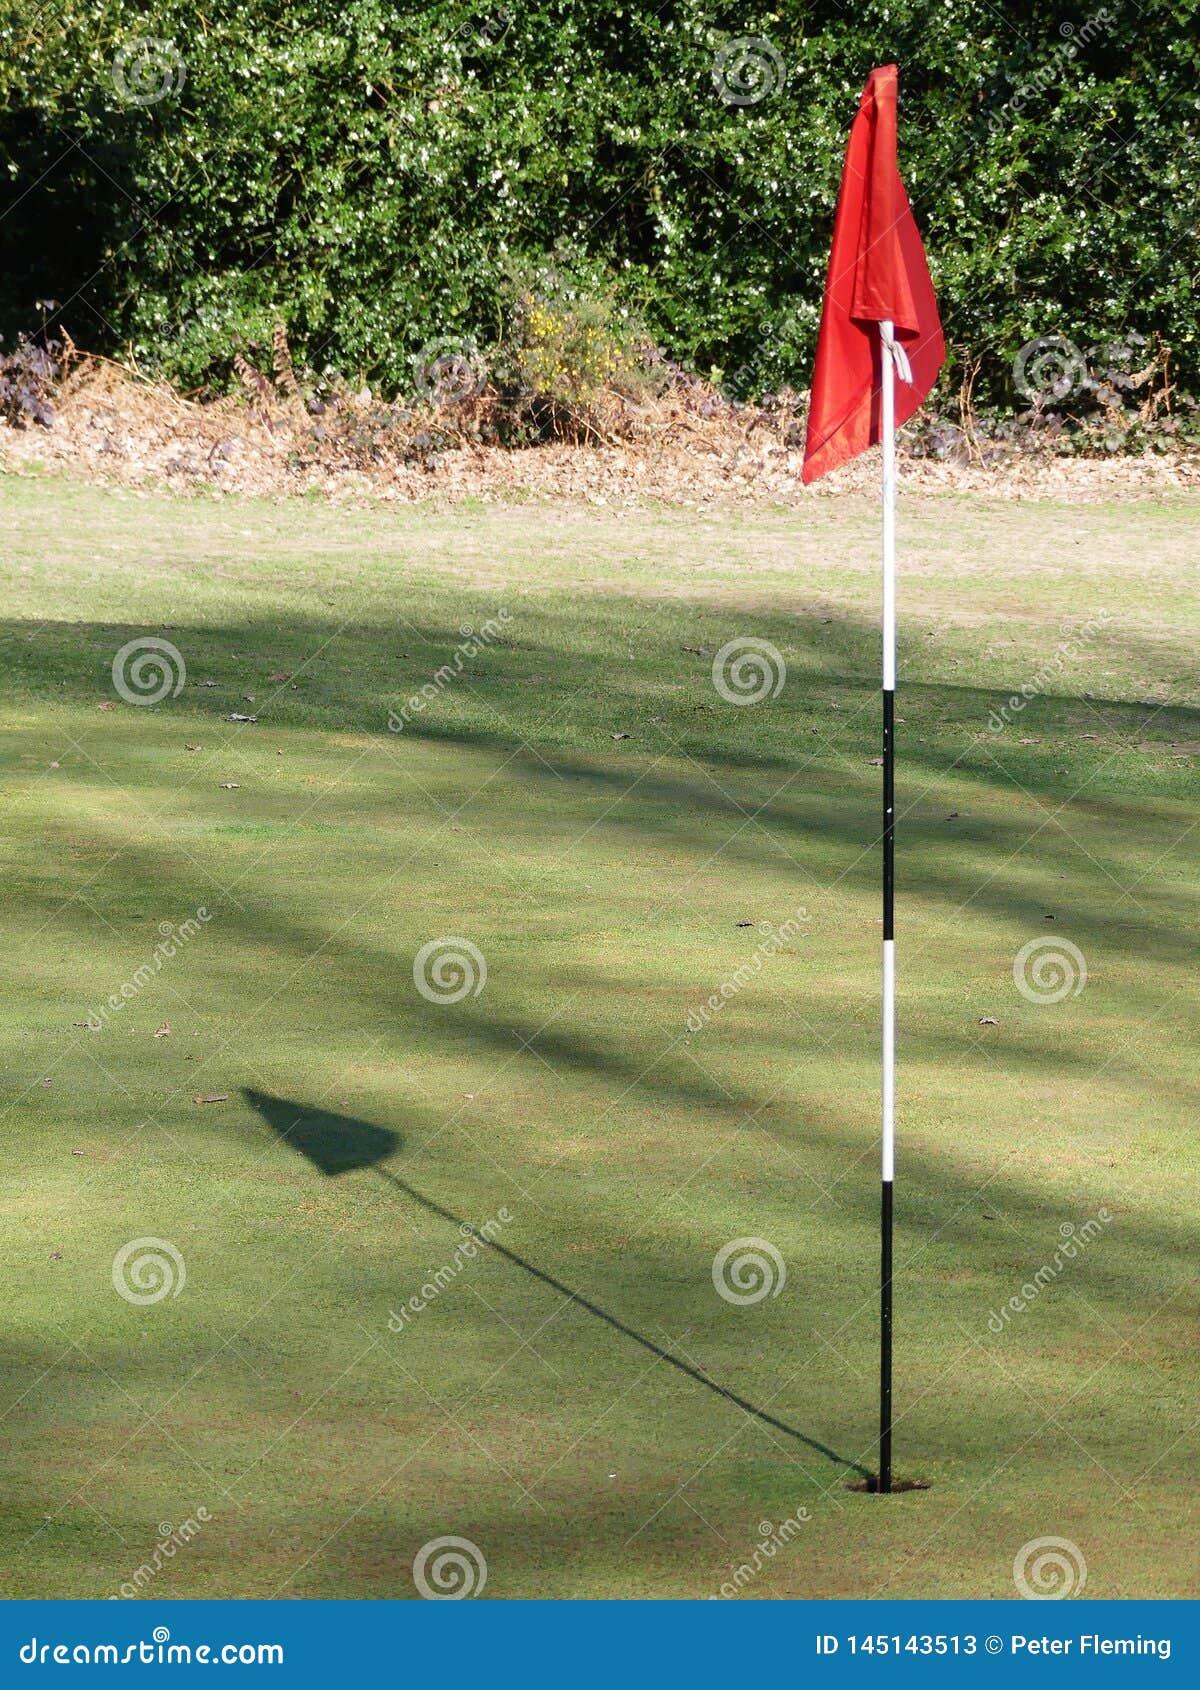 Verde del golf con la sombra de lanzamiento de la bandera roja